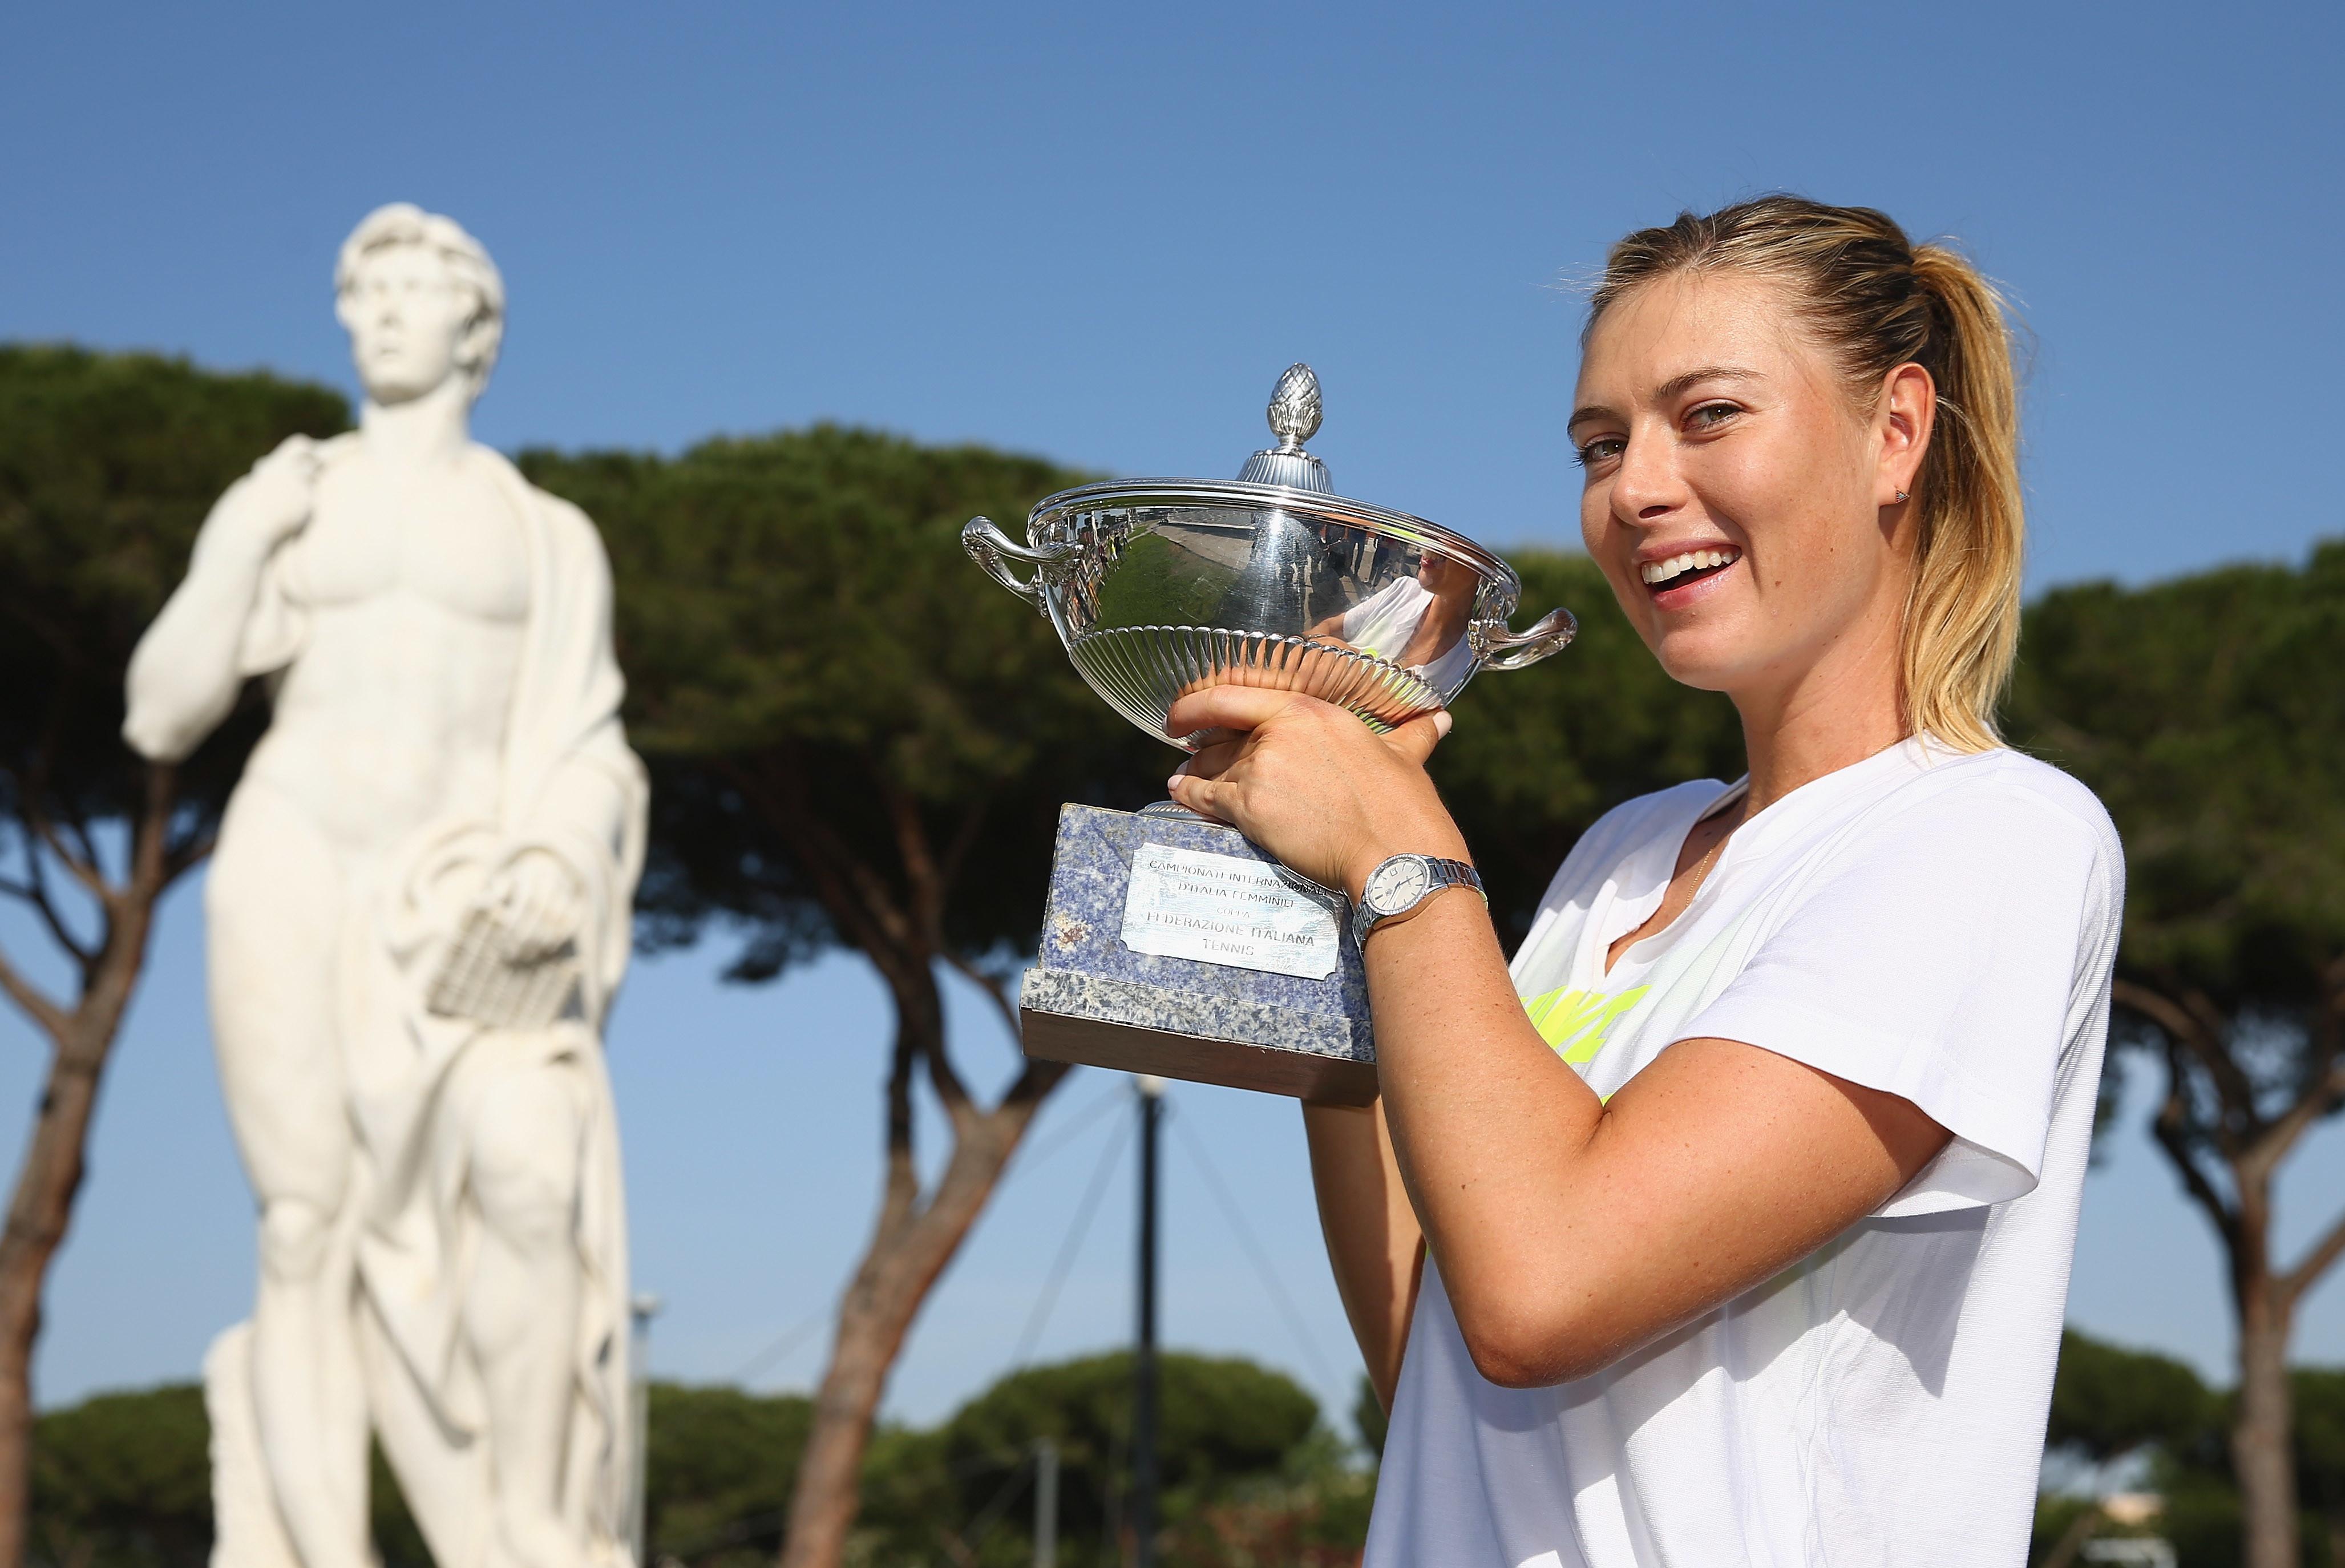 Nel 2015 terzo sigillo per Maria Sharapova.